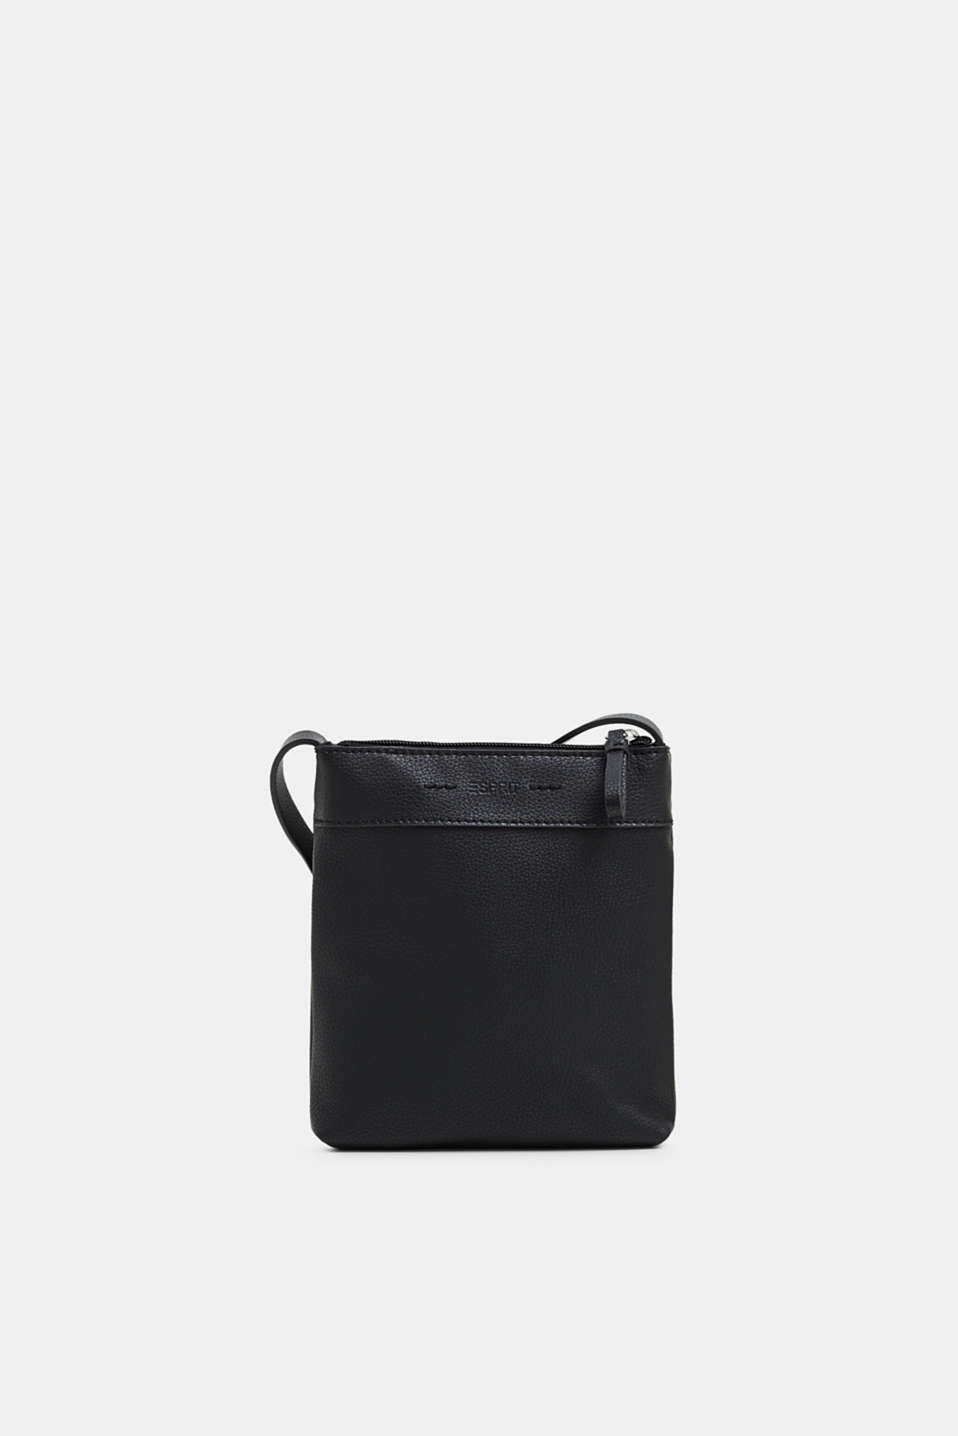 83336a85ff Esprit : Petit sac bandoulière en similicuir à acheter sur la ...